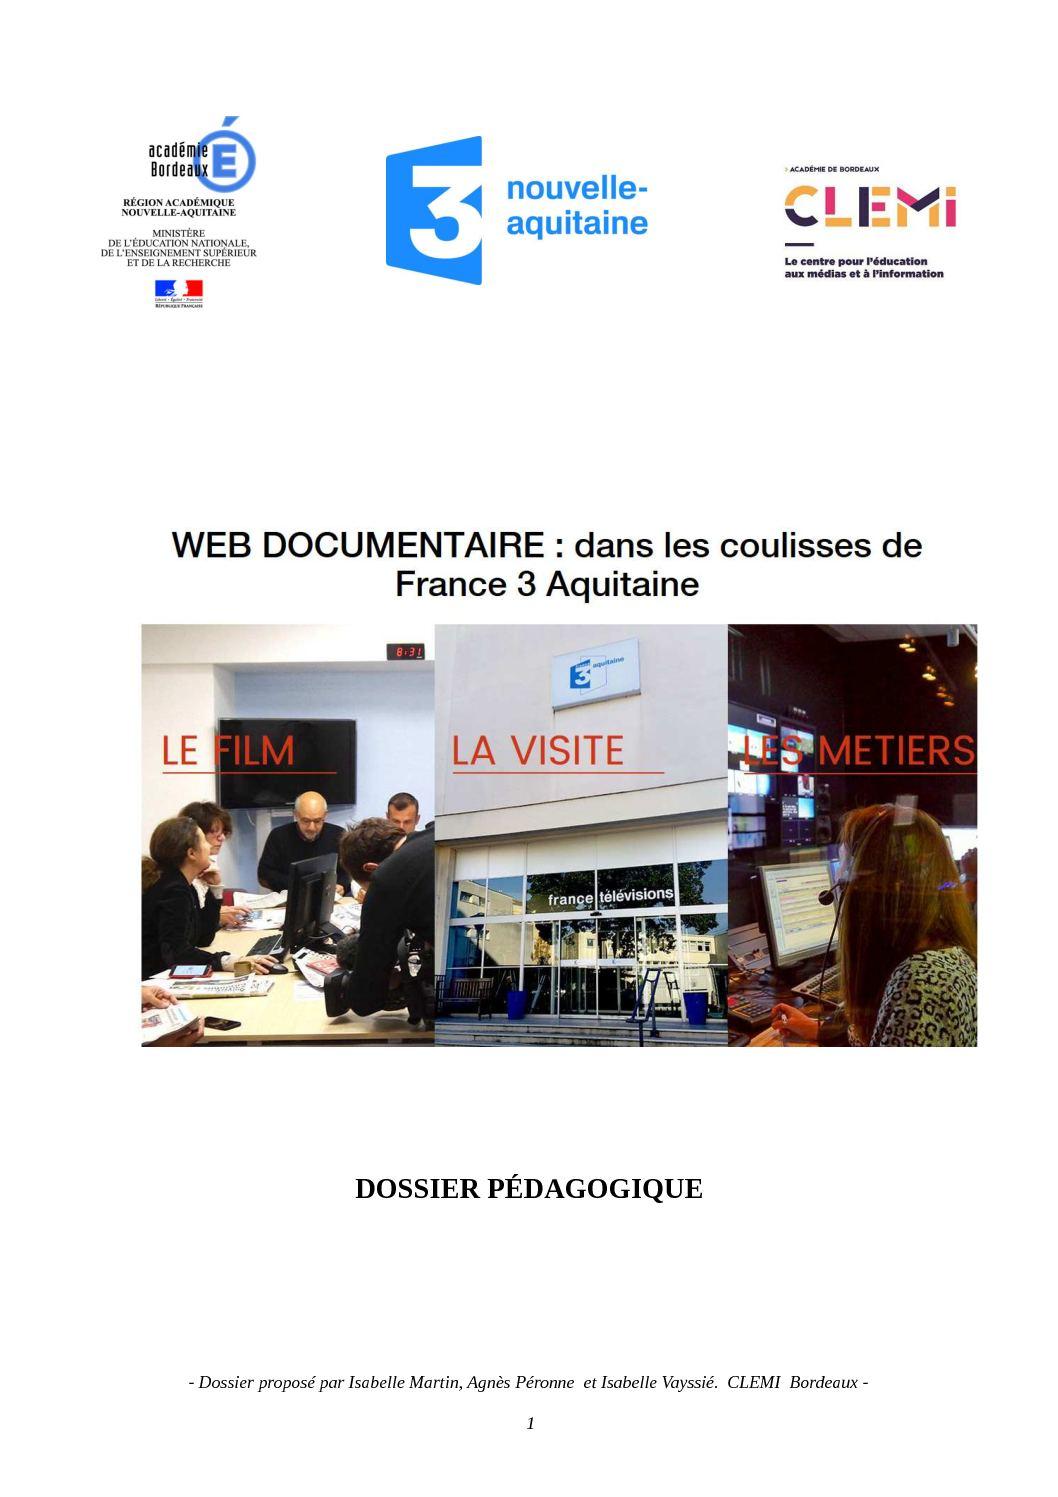 Dossier Pedagogique Webdoc F3 Aquitaine 2017